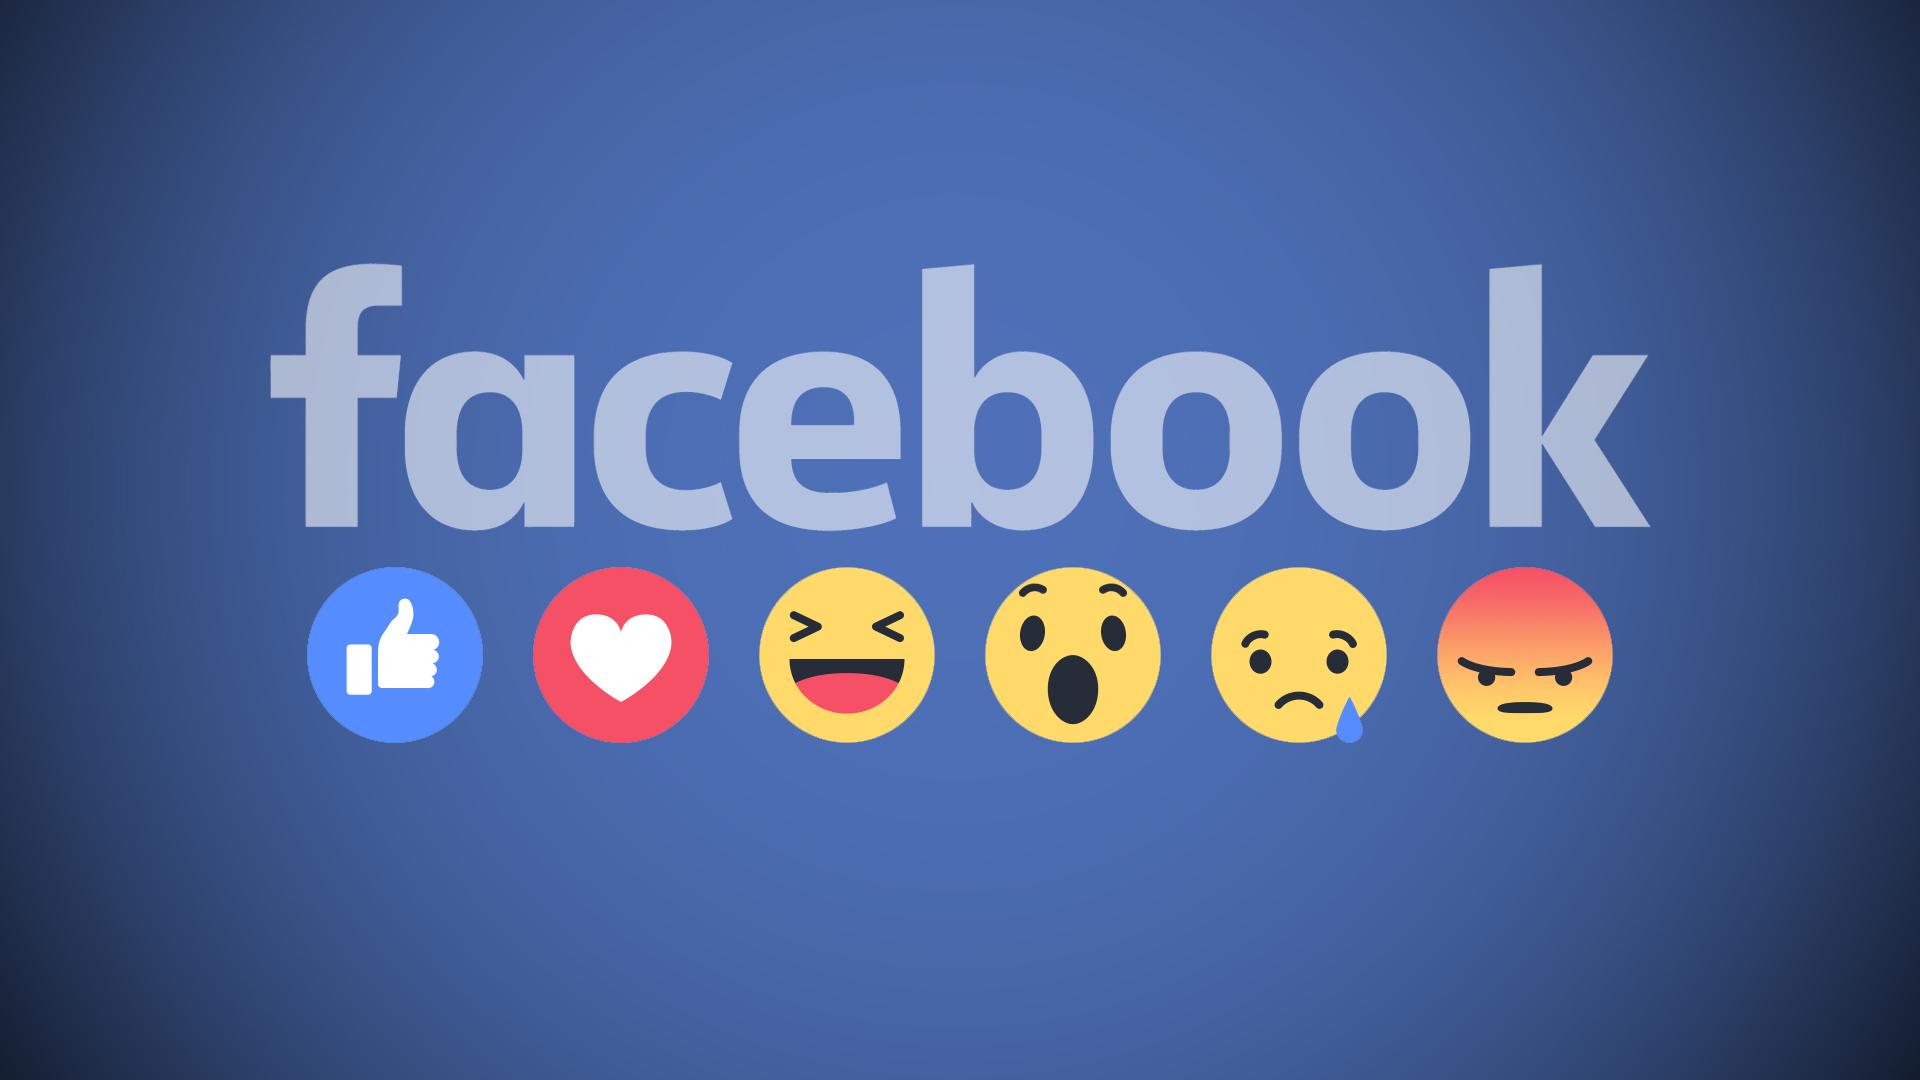 Tecnologia che svela le emozioni degli utenti